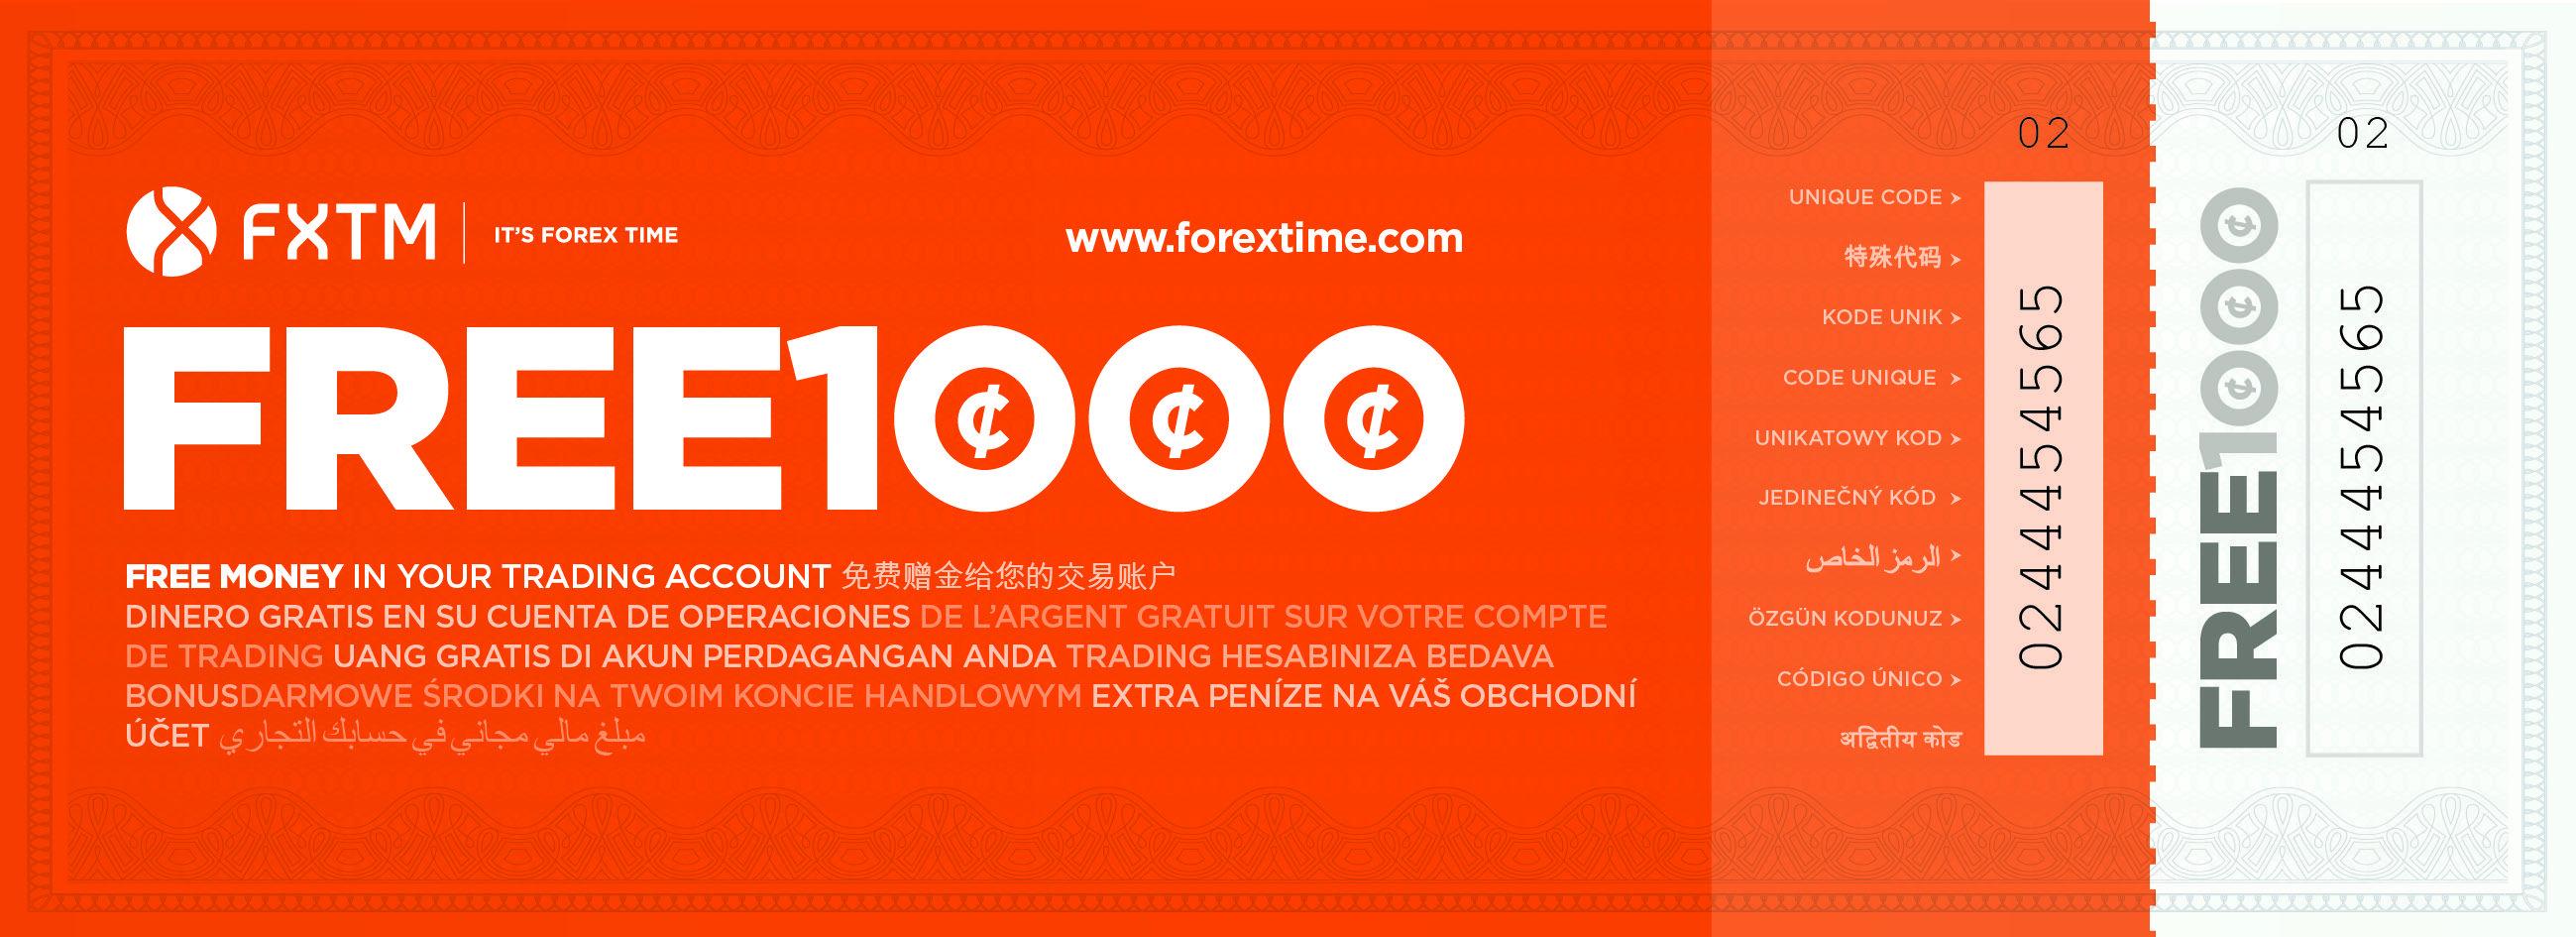 forex bonus gratuit retragerea opțiunilor